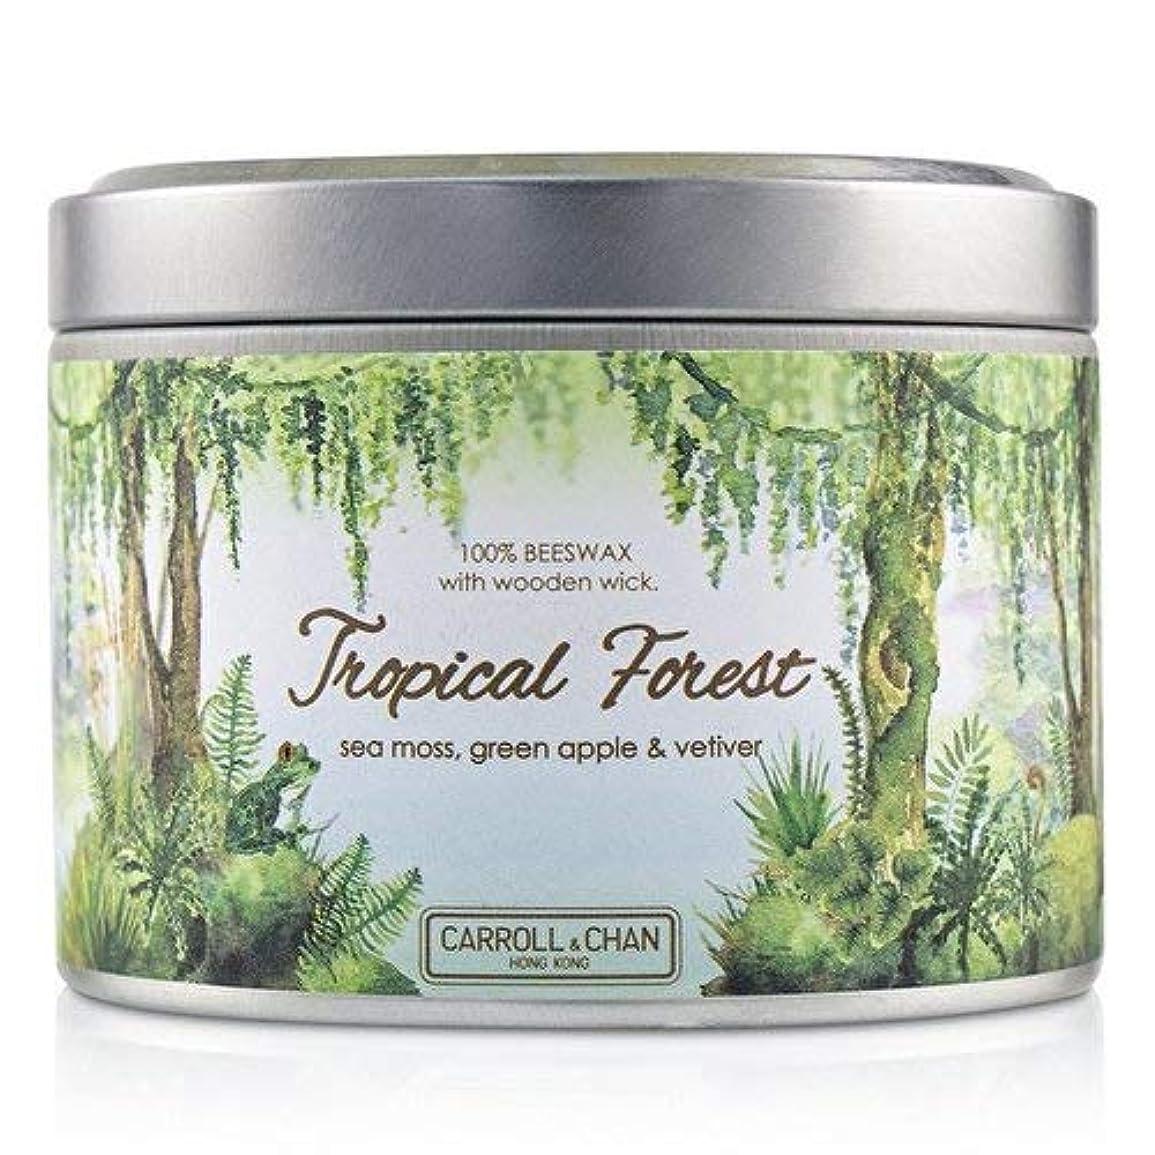 手首キャロラインひいきにするキャンドル?カンパニー Tin Can 100% Beeswax Candle with Wooden Wick - Tropical Forest (8x5) cm並行輸入品